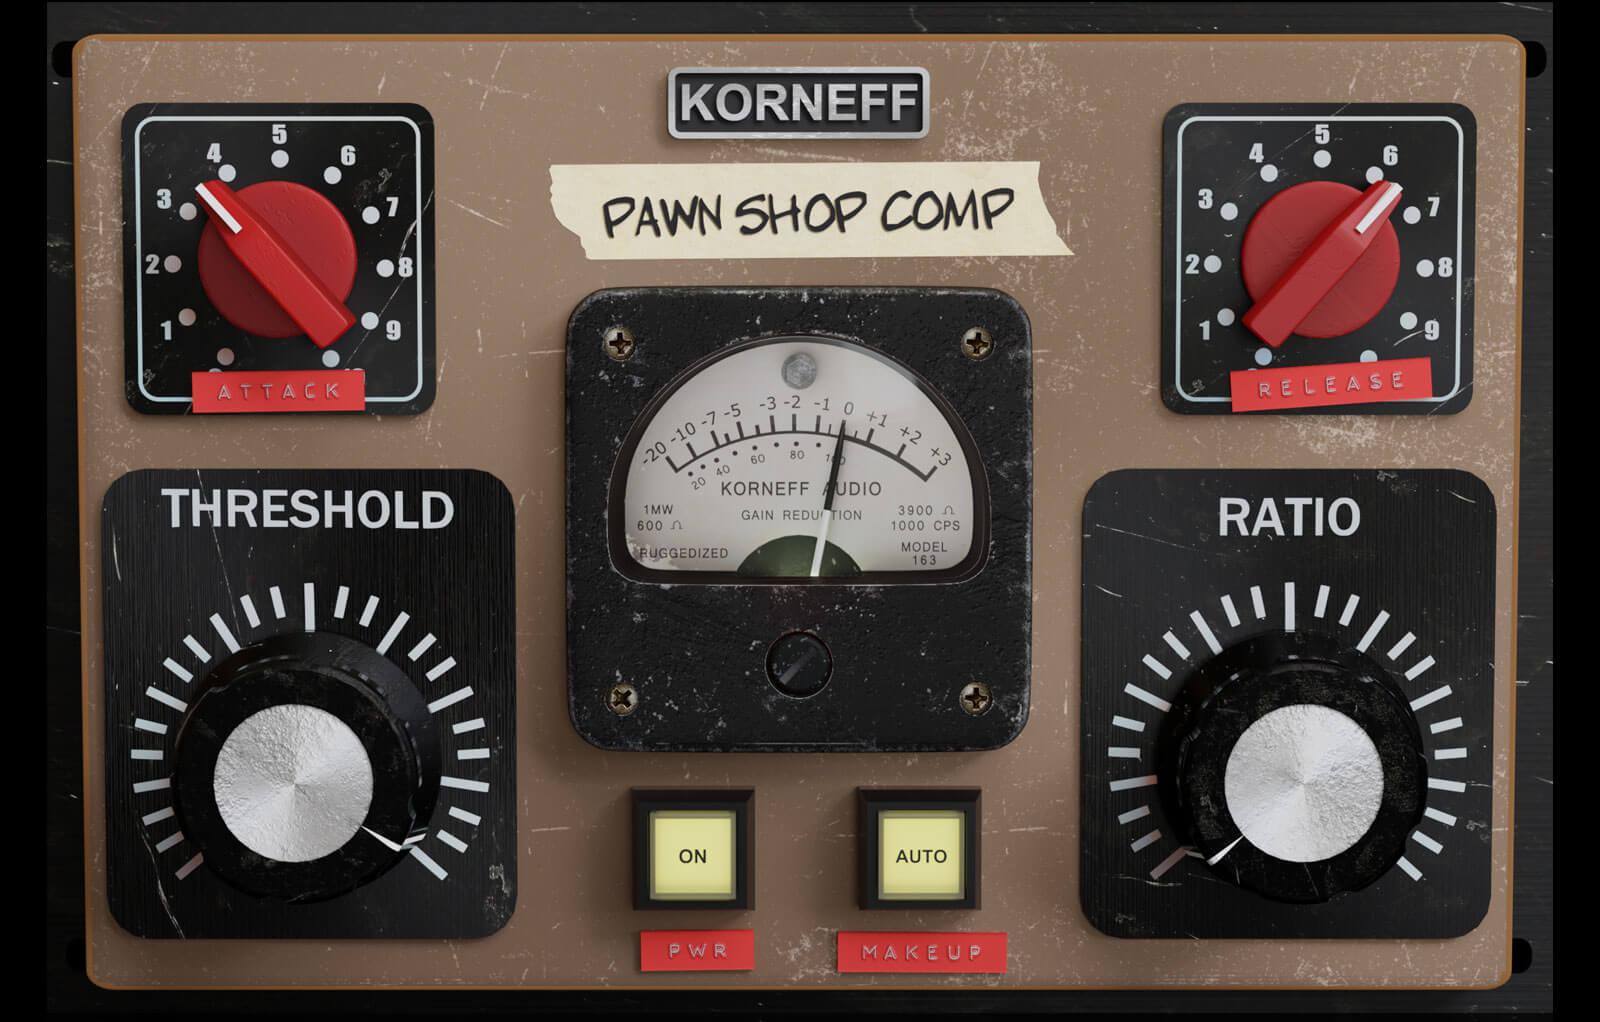 Pawn Shop Comp